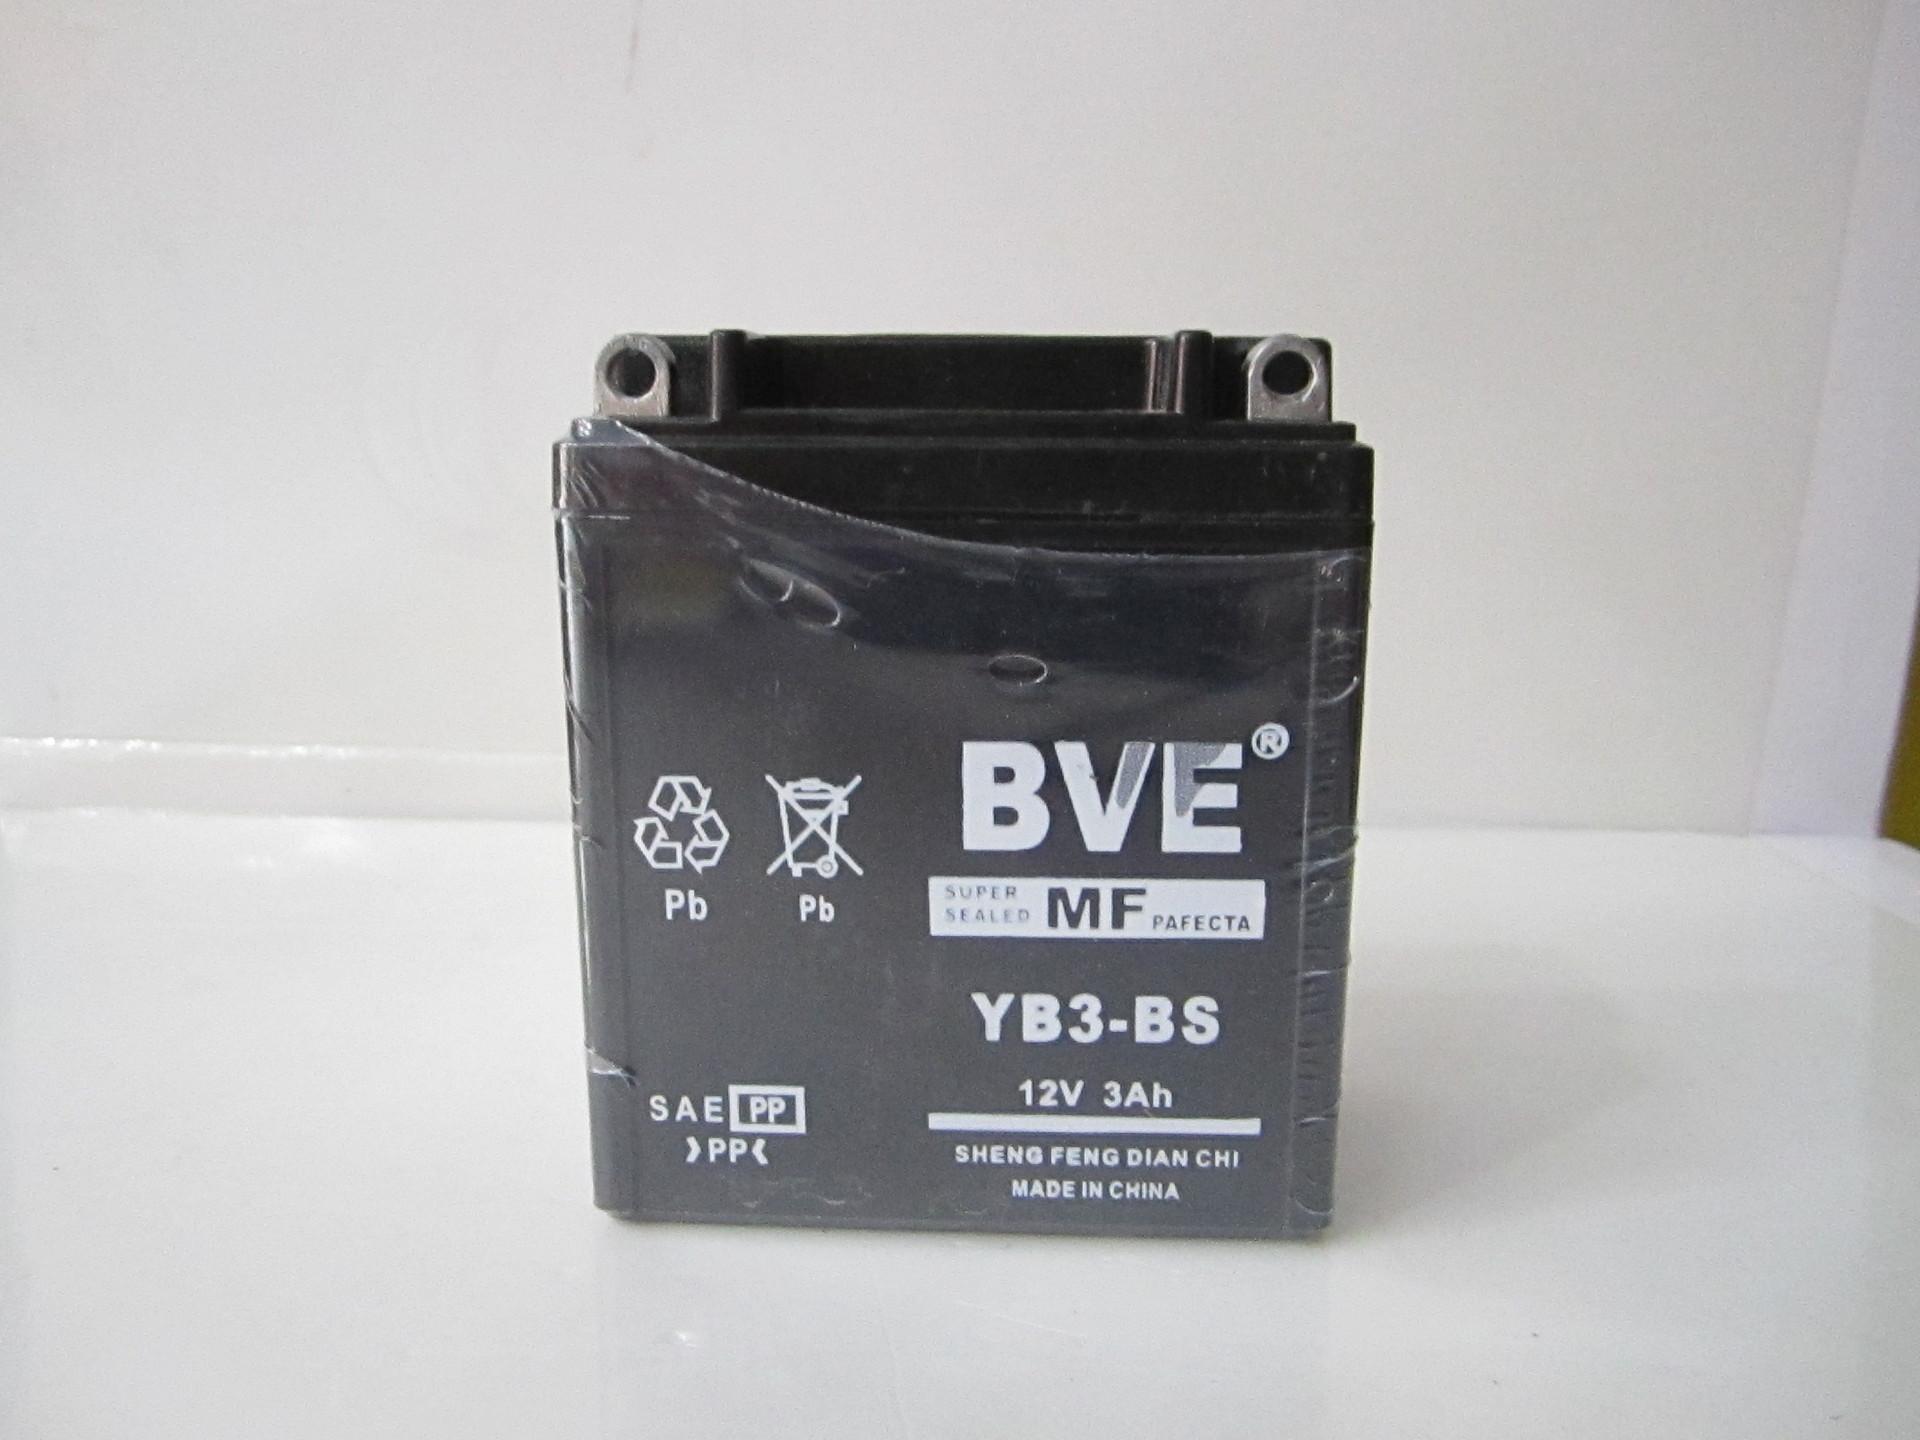 摩托车电瓶12N3免维护CG125专用正品包邮五羊本田摩托车启动电池